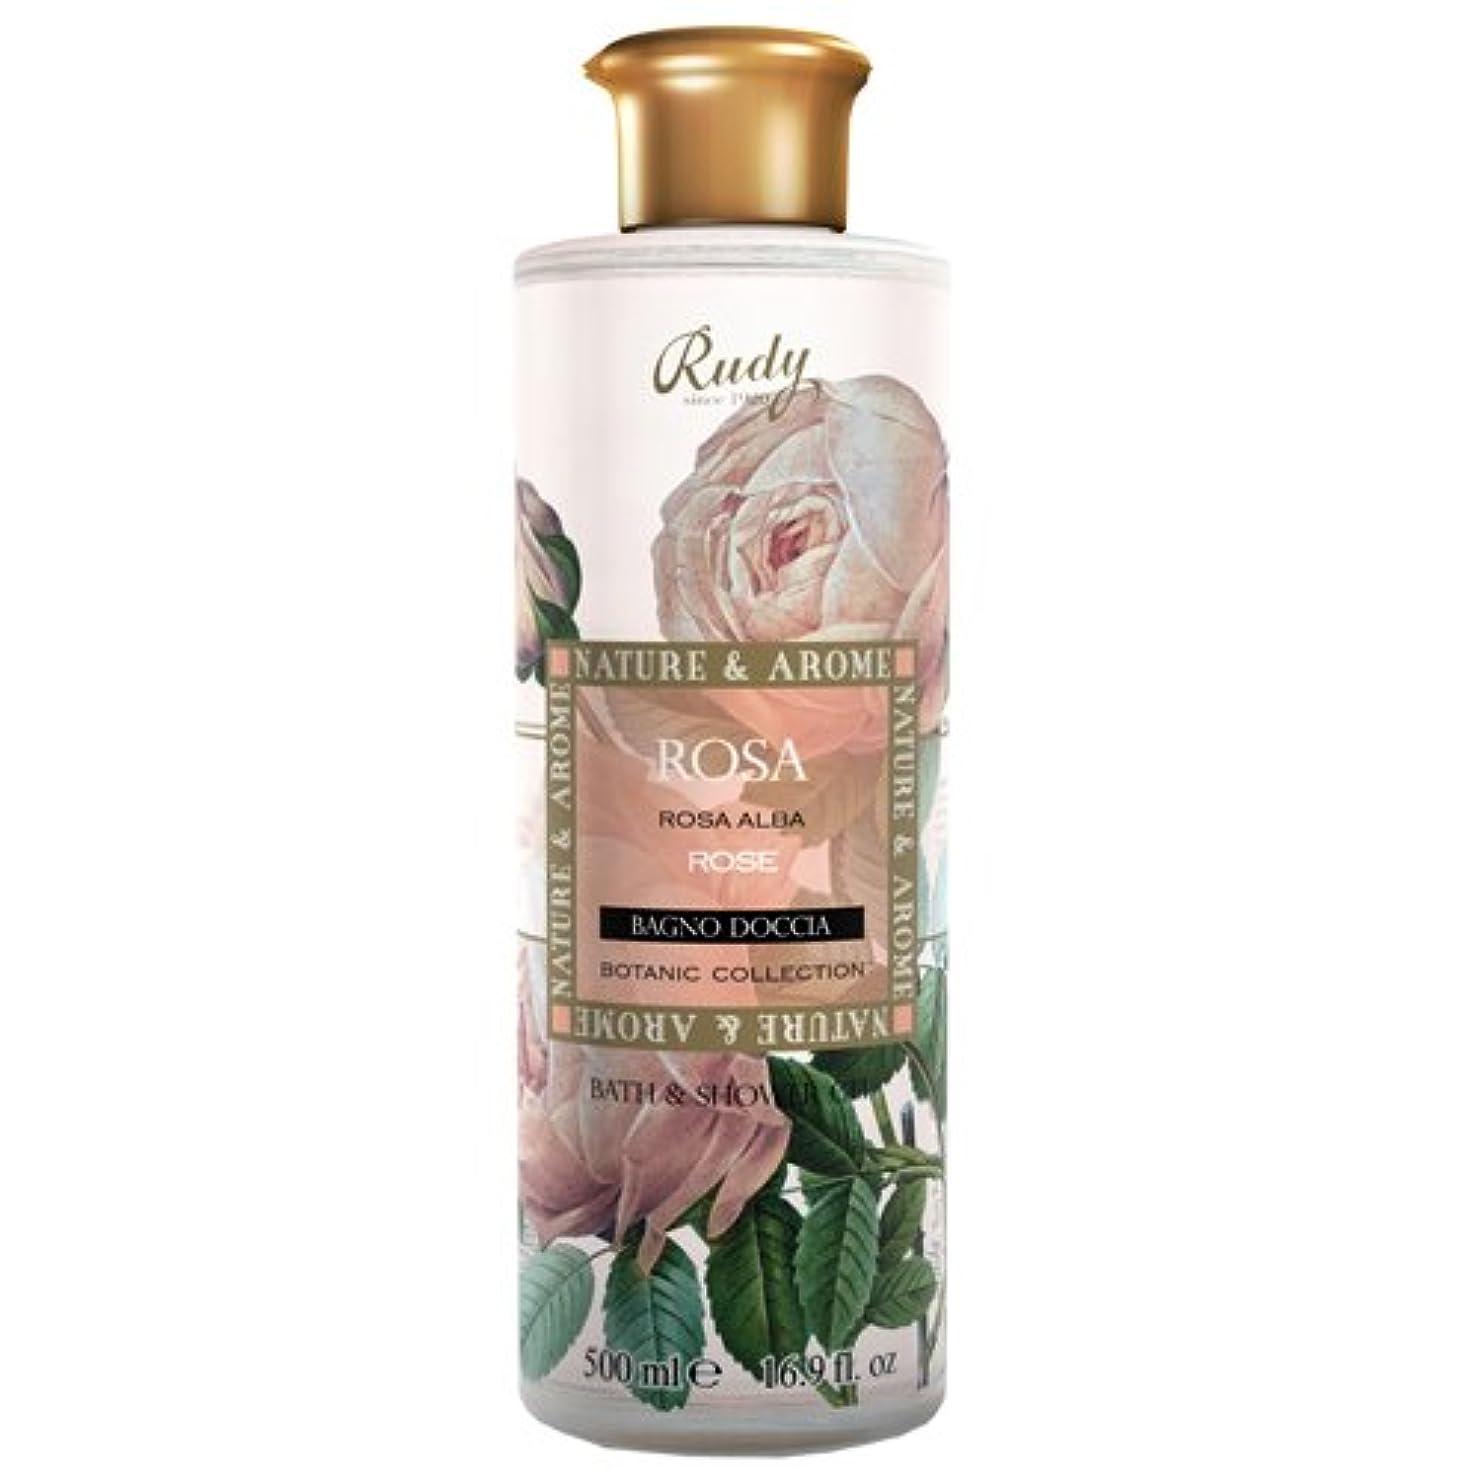 真珠のような過激派職業RUDY Nature&Arome SERIES ルディ ナチュール&アロマ Bath&Shower Gel バス&シャワージェル ローズ